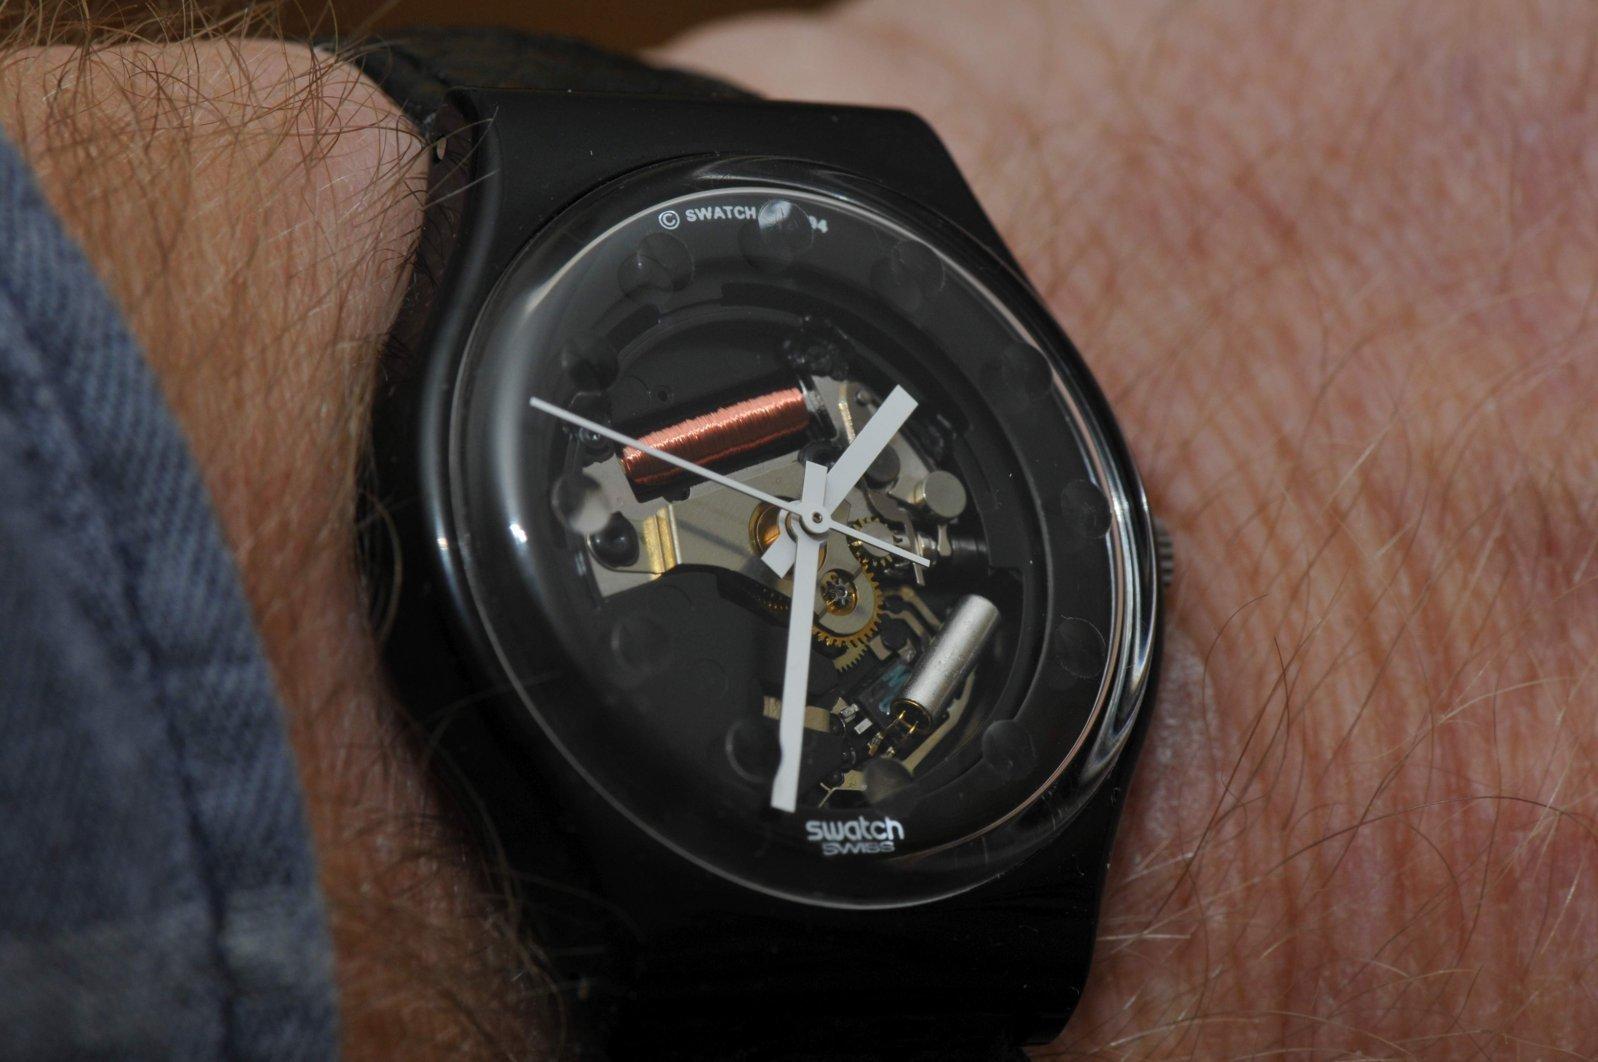 Swatch - macro.jpg